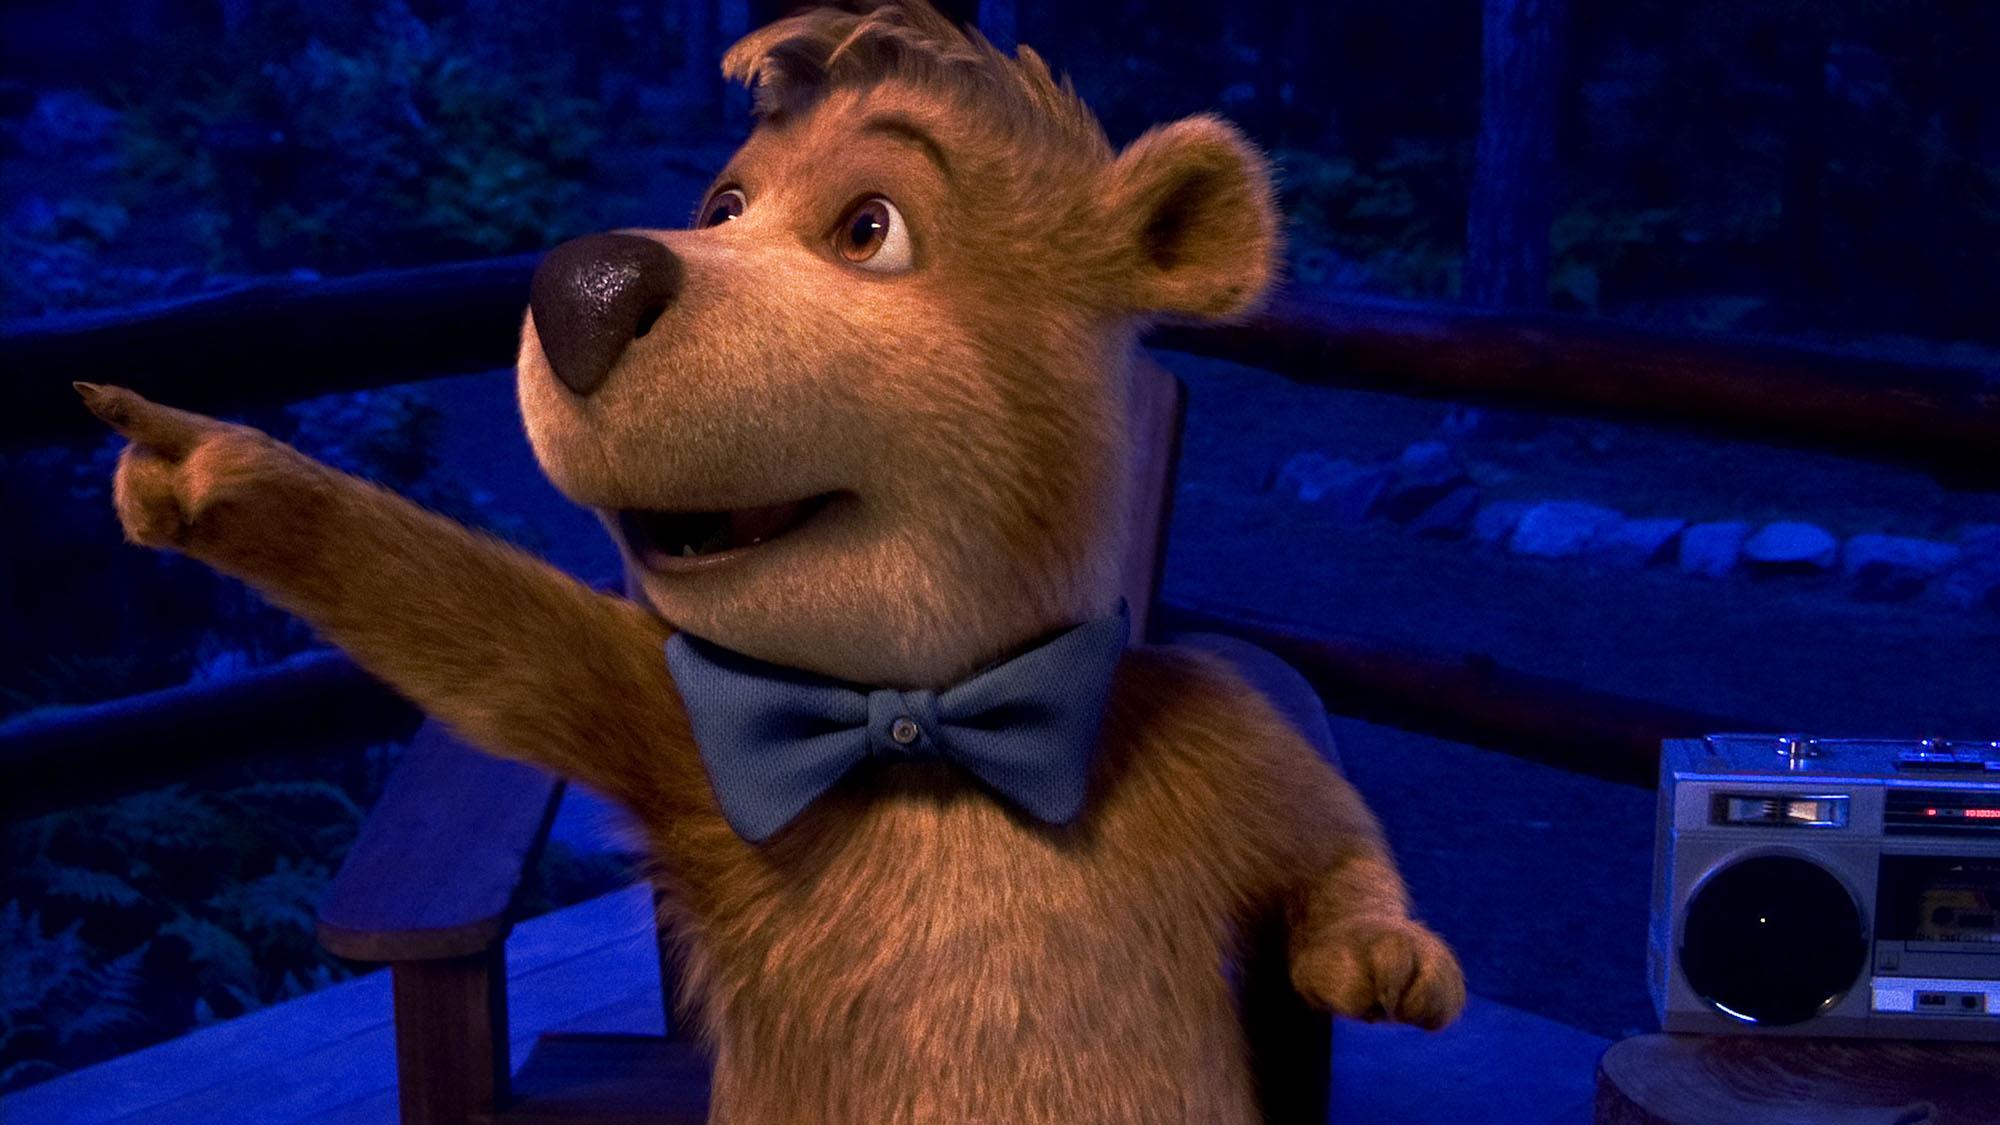 медведь 2010 смотреть онлайн